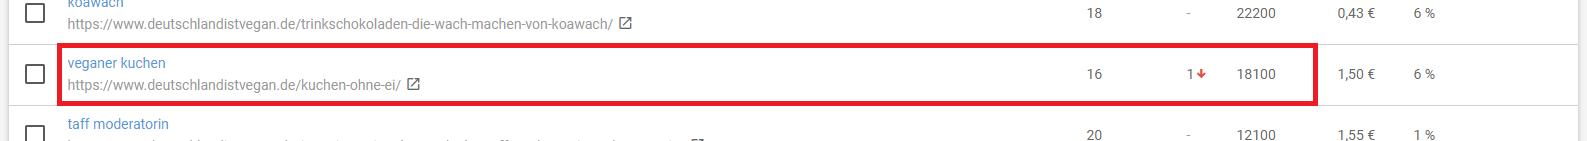 Bild2 allgemeine keywords content veredelung